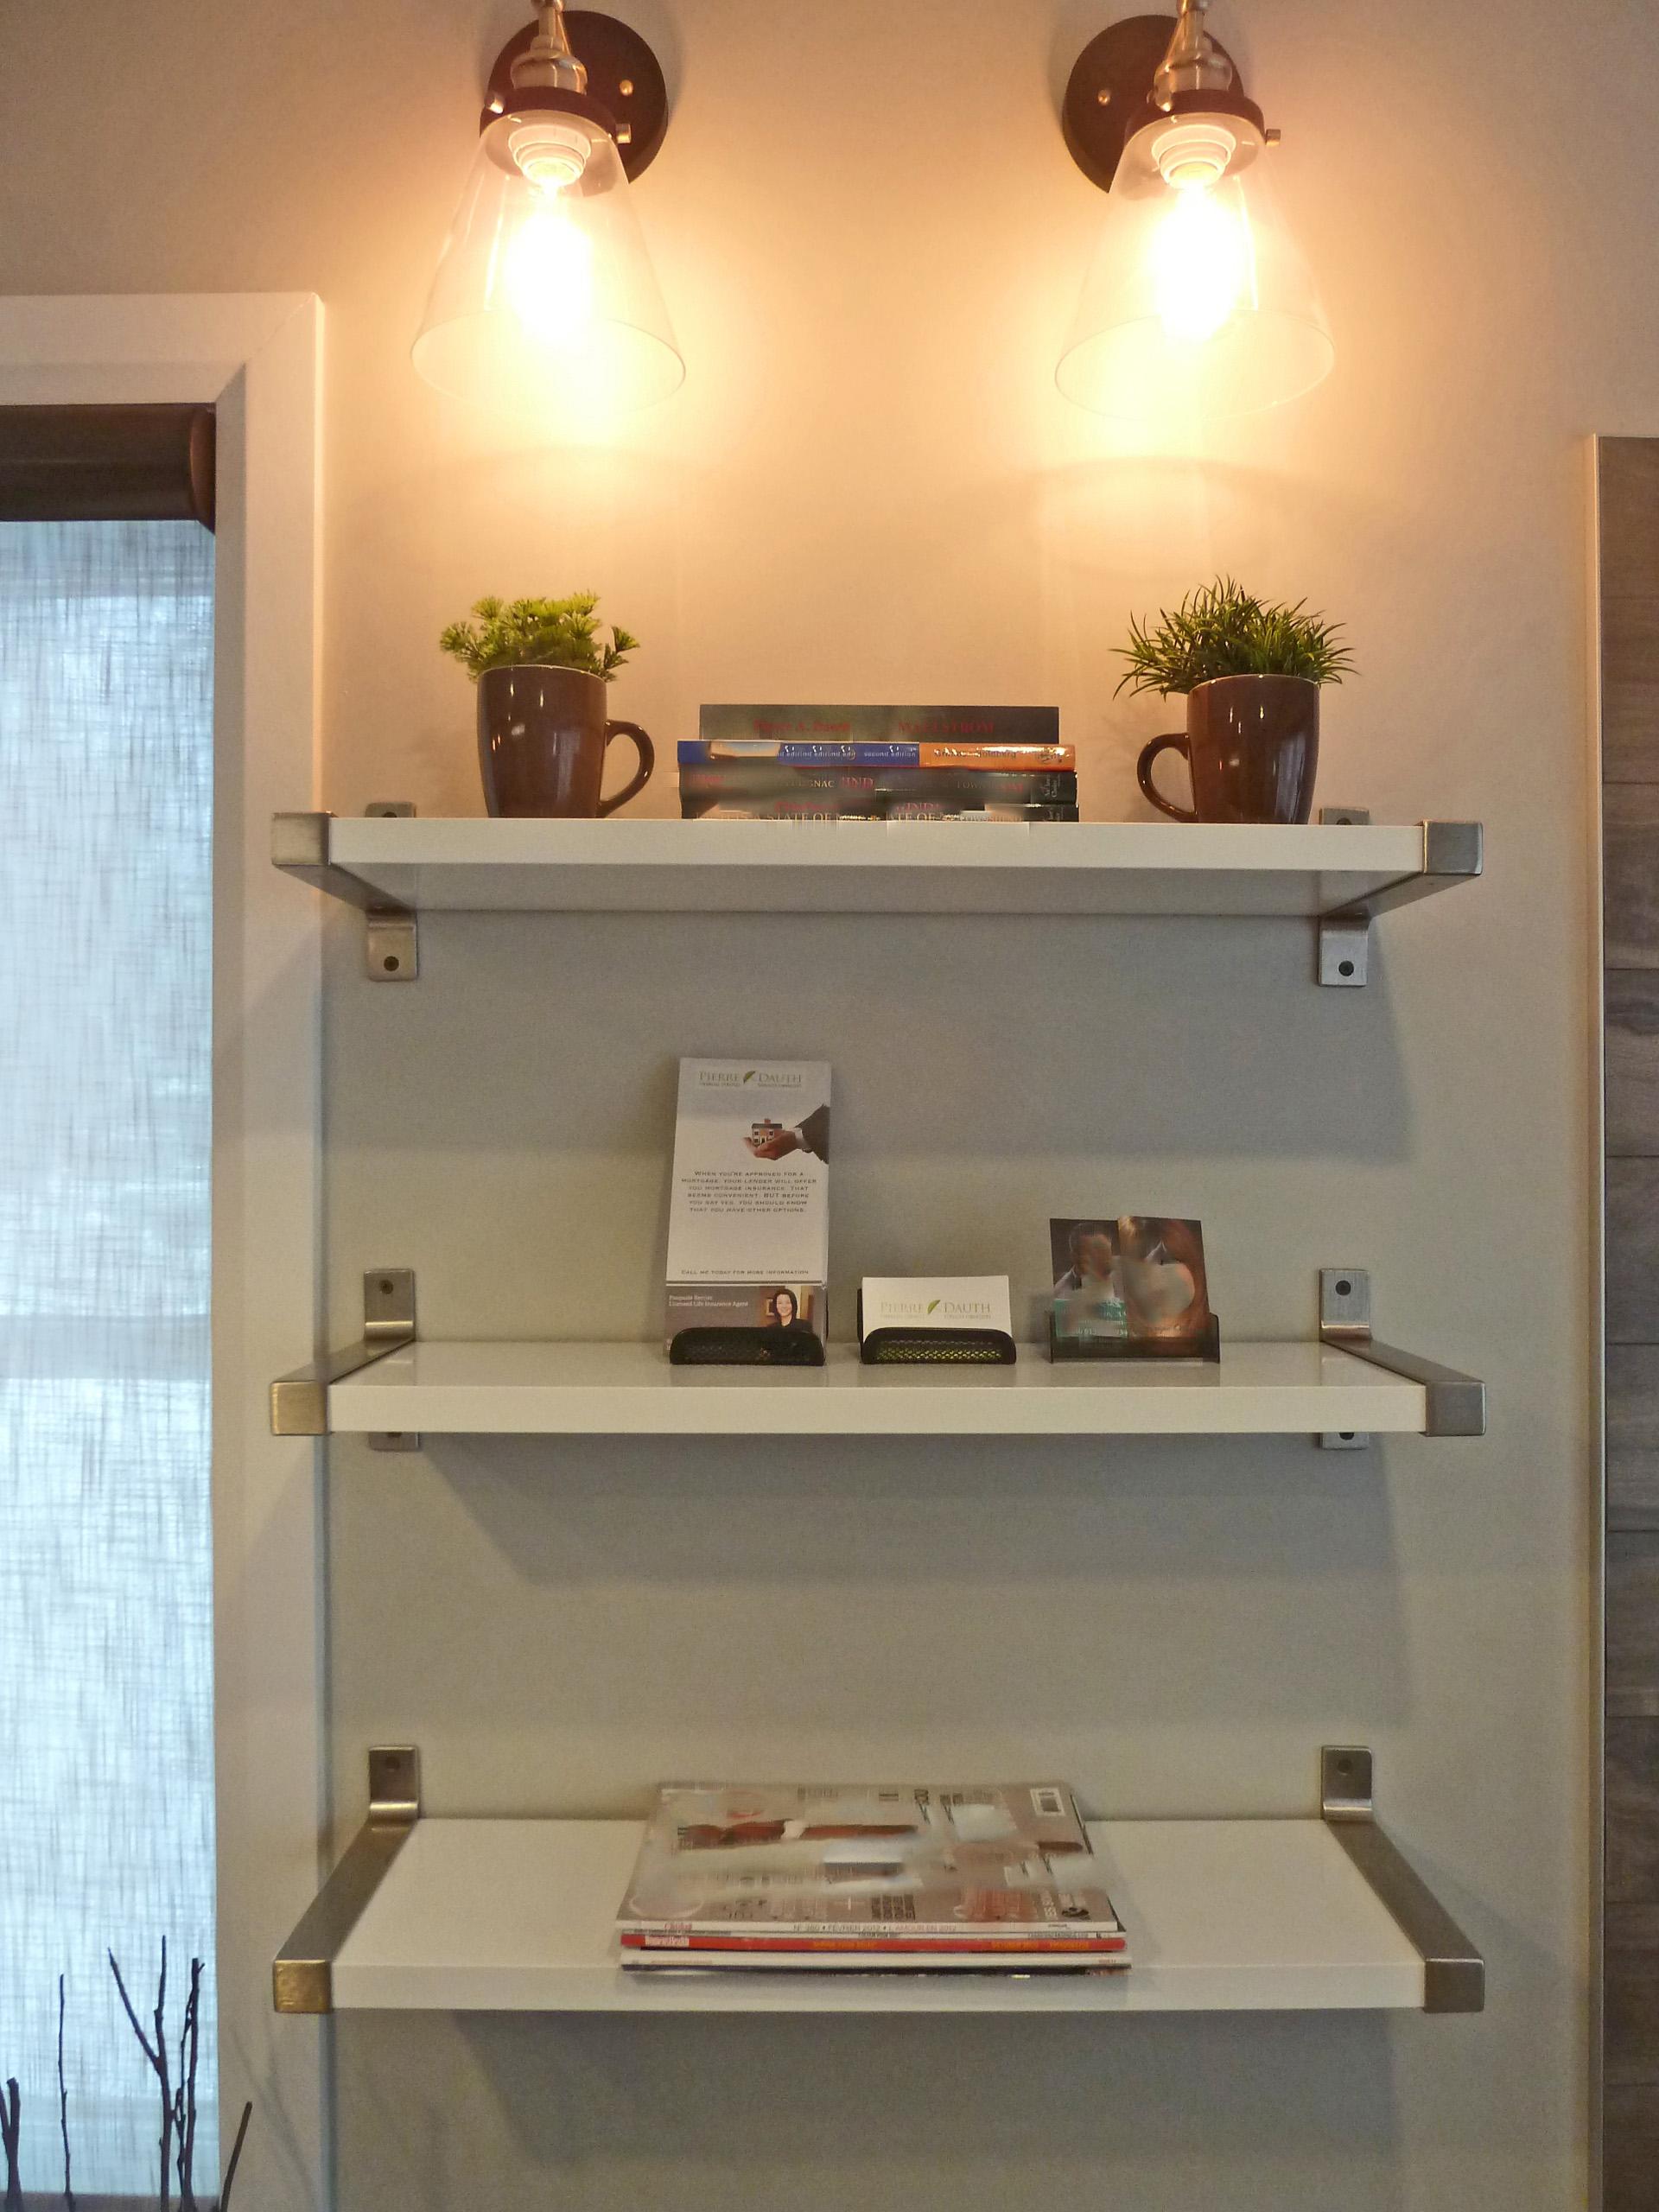 Publication Shelves